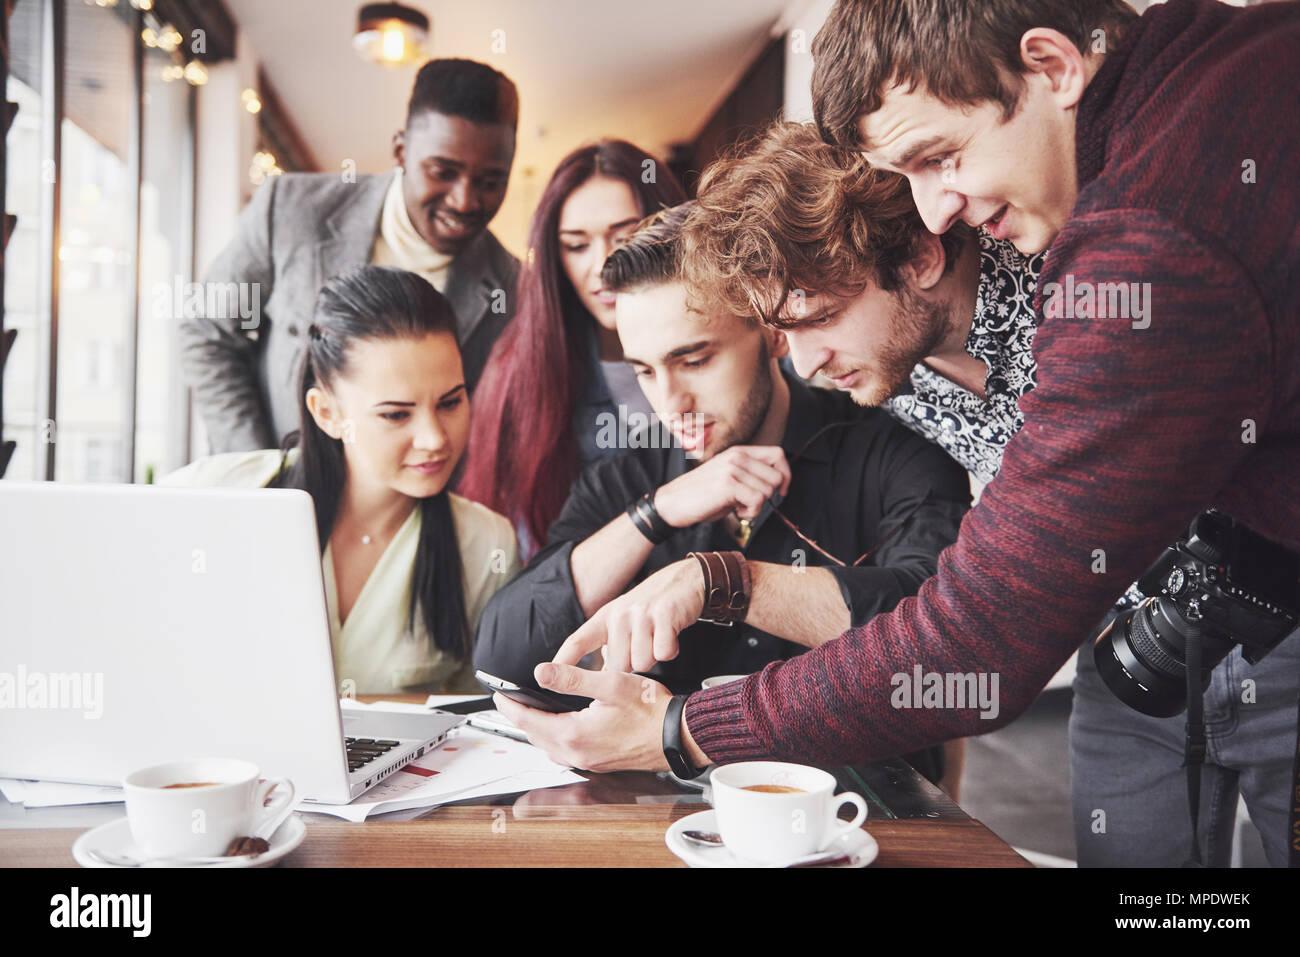 Ritratto di gruppo di allegro vecchi amici di comunicare gli uni con gli altri, amico in posa sul cafe, stile urbano di persone aventi il divertimento, concetti riguardanti la gioventù stare insieme allo stile di vita. Wifi connesso Immagini Stock